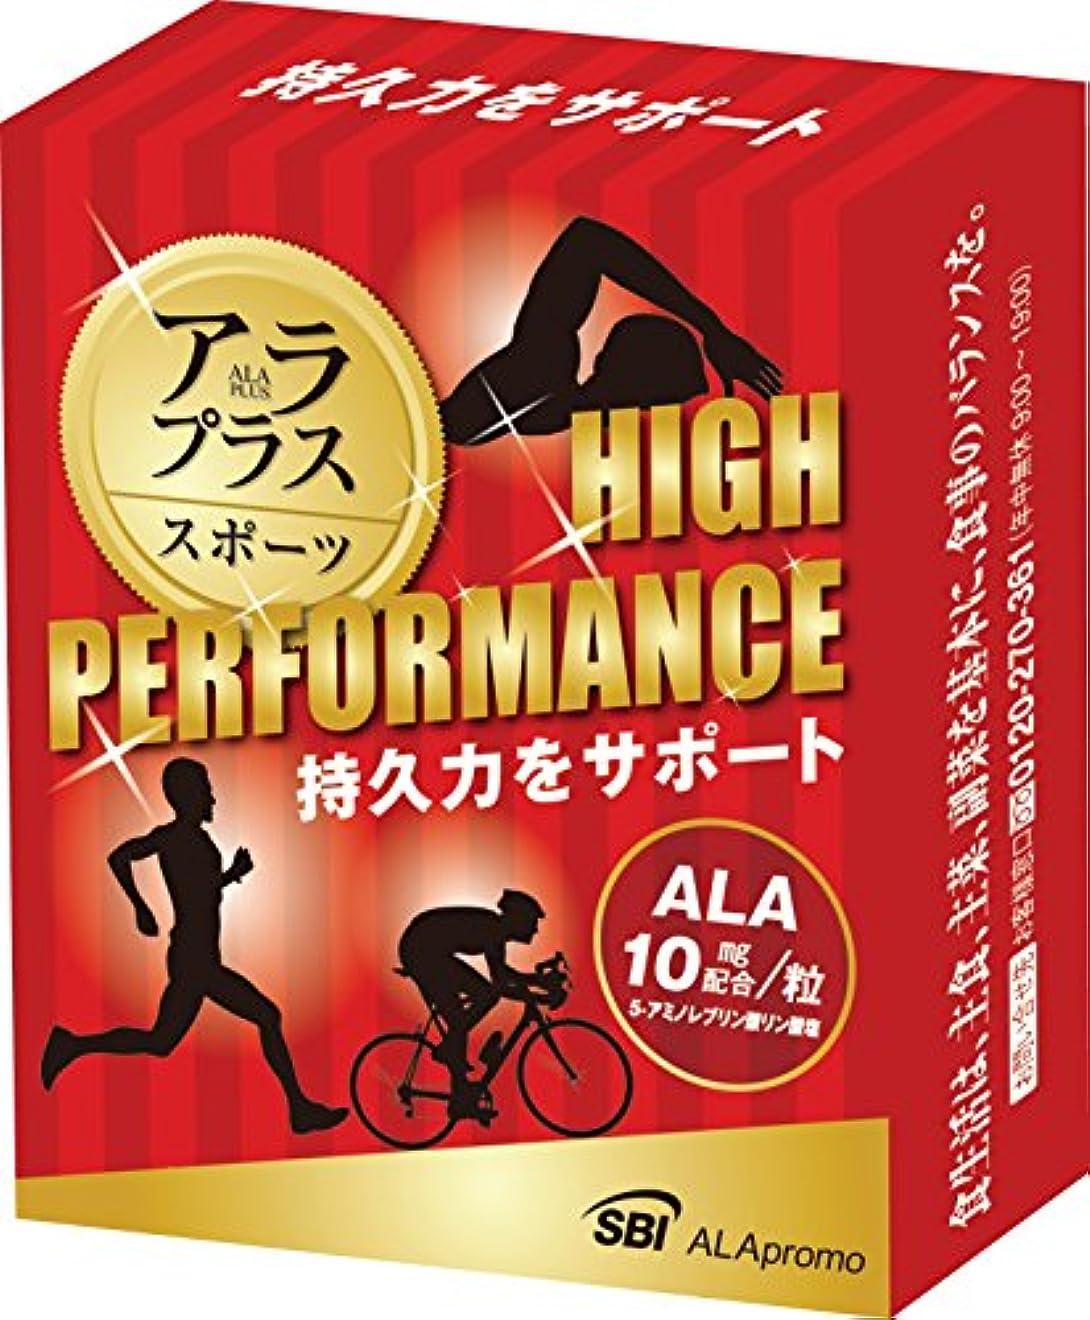 腹痛大いにお金持久系 サプリメント アラプラス スポーツ ハイパフォーマンス ALA 10mg配合 5包入